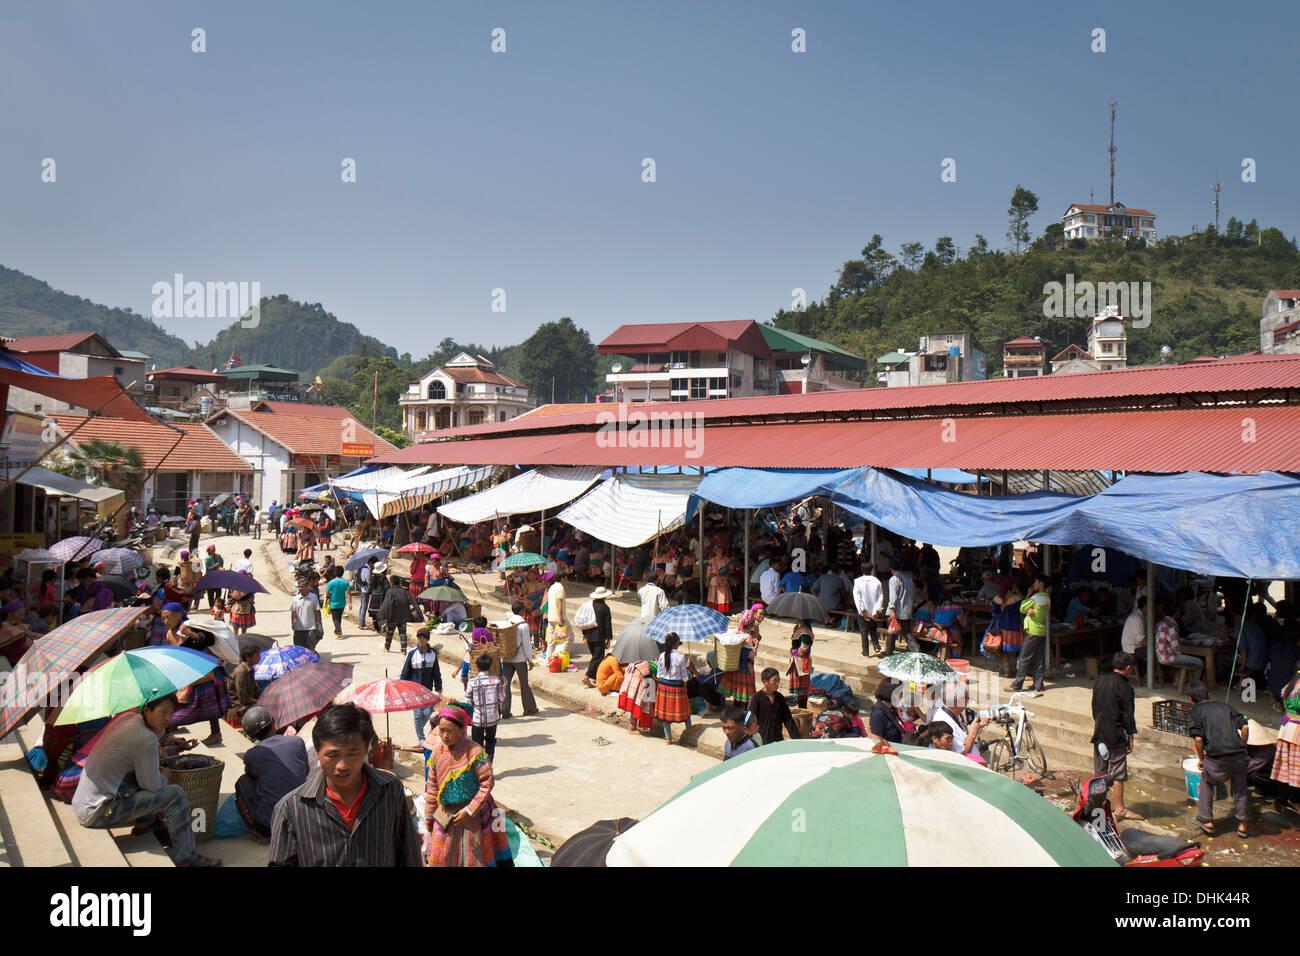 Descripción del mercado de Bac Ha en el Noroeste de Vietnam, el gran espacio cubierto es donde la gente está disfrutando de su almuerzo. Imagen De Stock